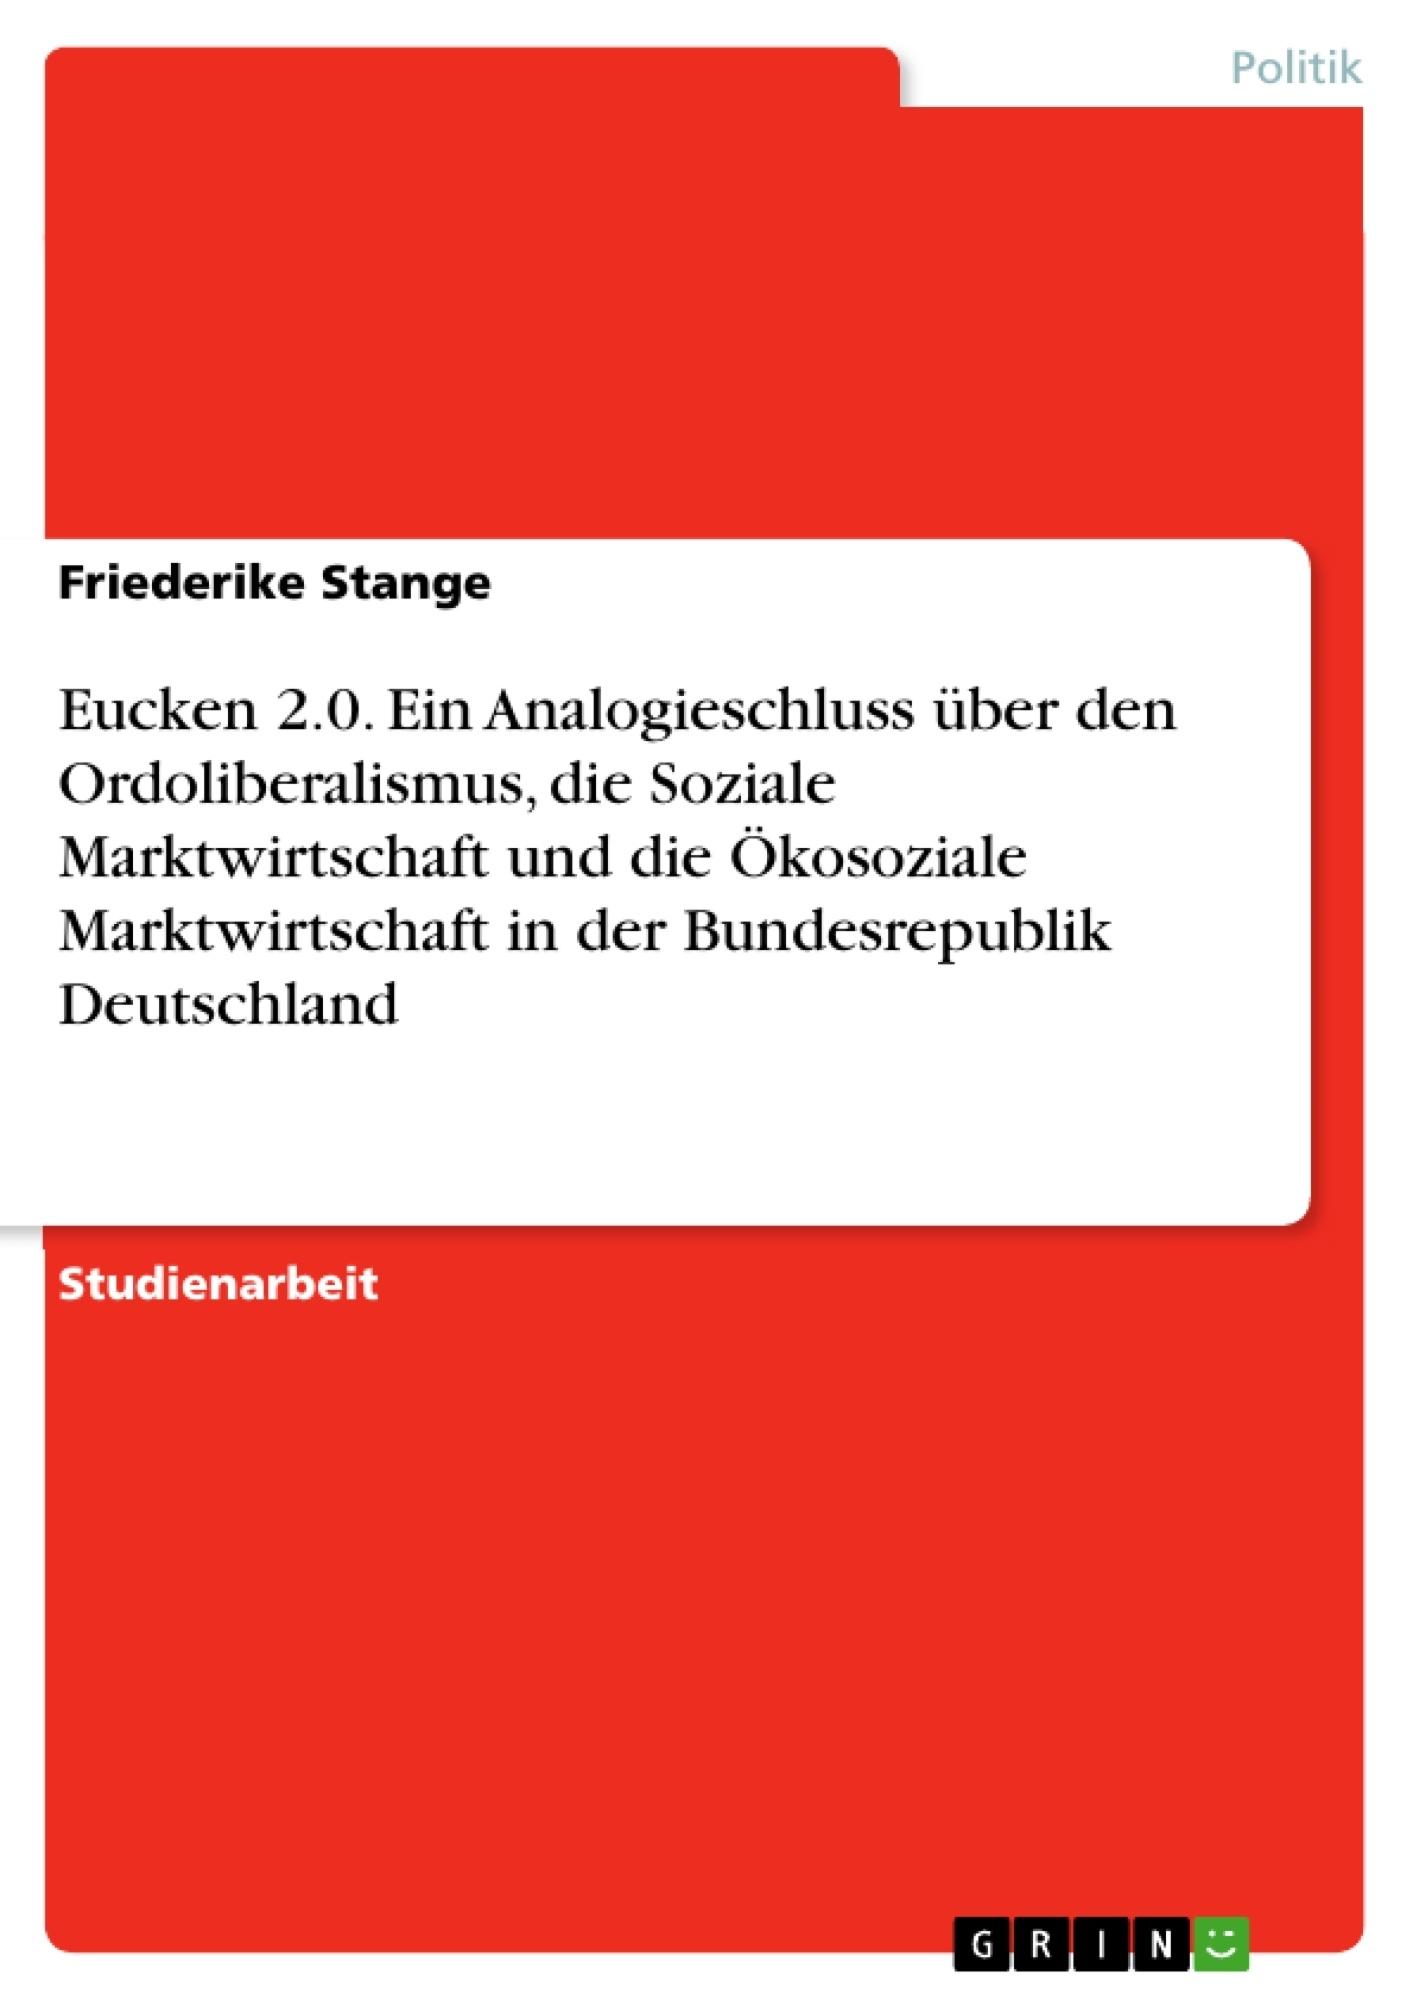 Titel: Eucken 2.0.  Ein Analogieschluss über den Ordoliberalismus, die Soziale Marktwirtschaft und die Ökosoziale Marktwirtschaft in der Bundesrepublik Deutschland